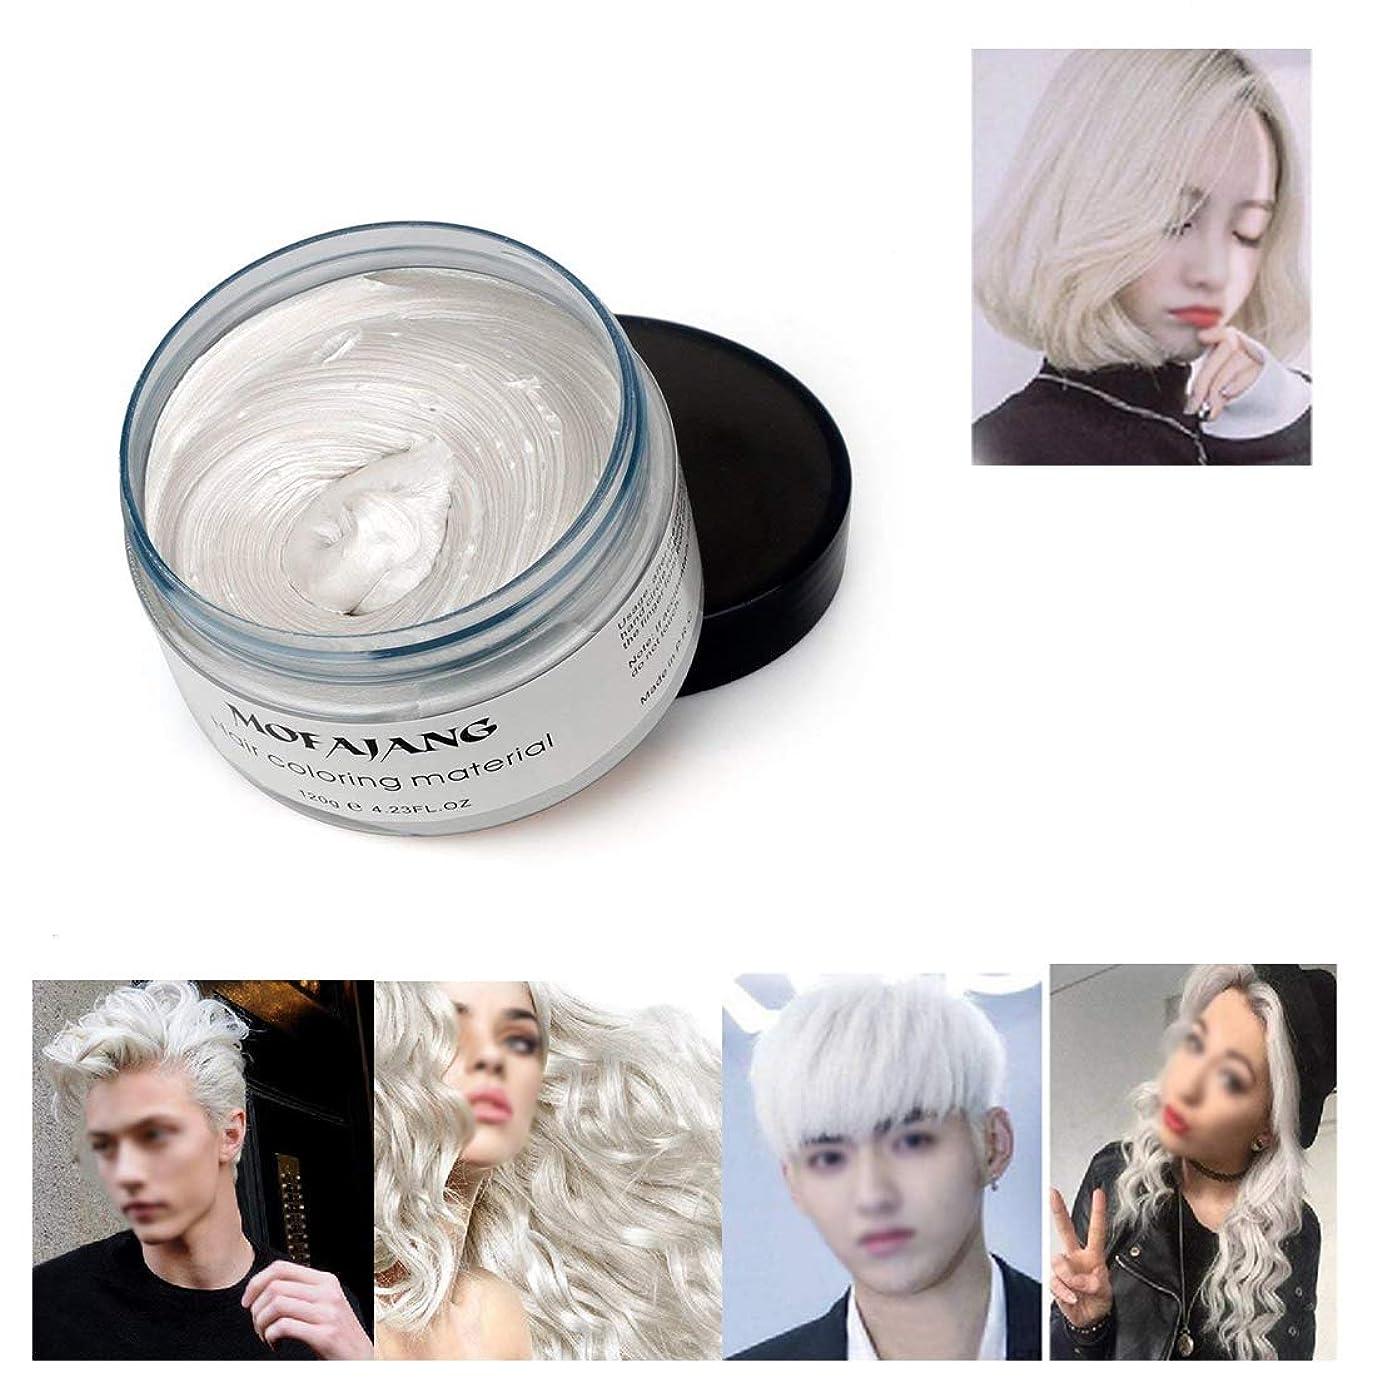 側溝恵み地殻髪色ワックス,一度だけ一時的に自然色染料ヘアワックスをモデリング,パーティーのための自然なマット髪型。コスプレ、仮装、ナイトクラブ、ハロウィーン (ホワイト)